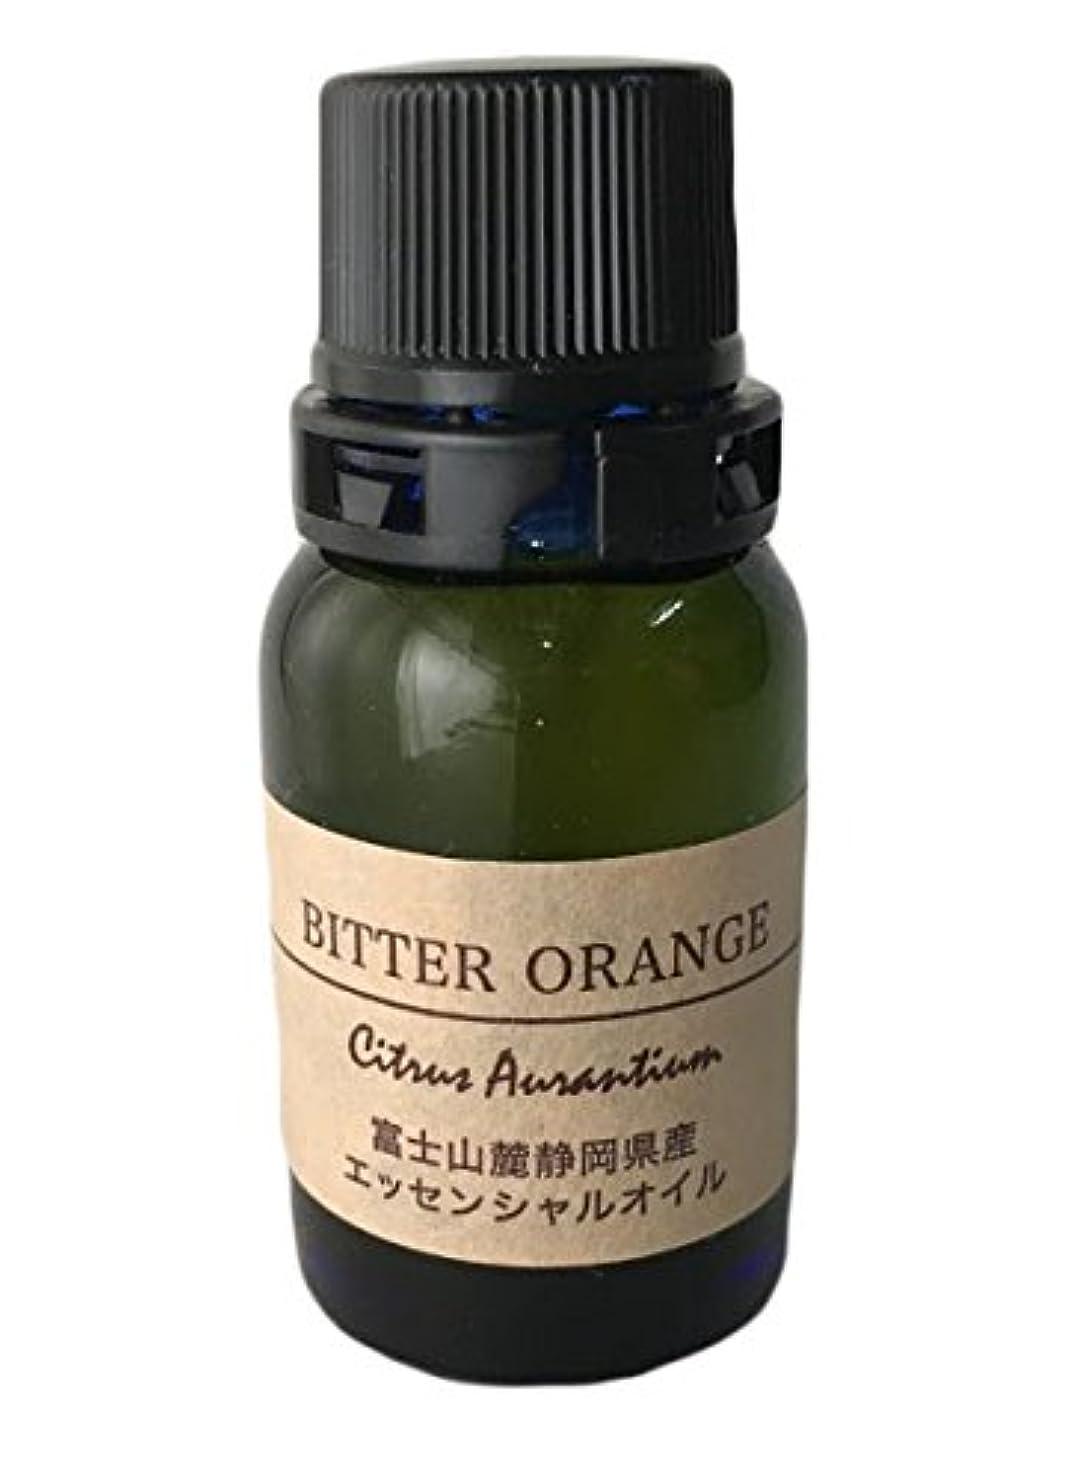 絶対のグラフィック環境に優しいエッセンシャルオイル ビターオレンジ 柑橘 系 精油 100% ピュア 【富士山麓 伊豆特産 アロマオイル】